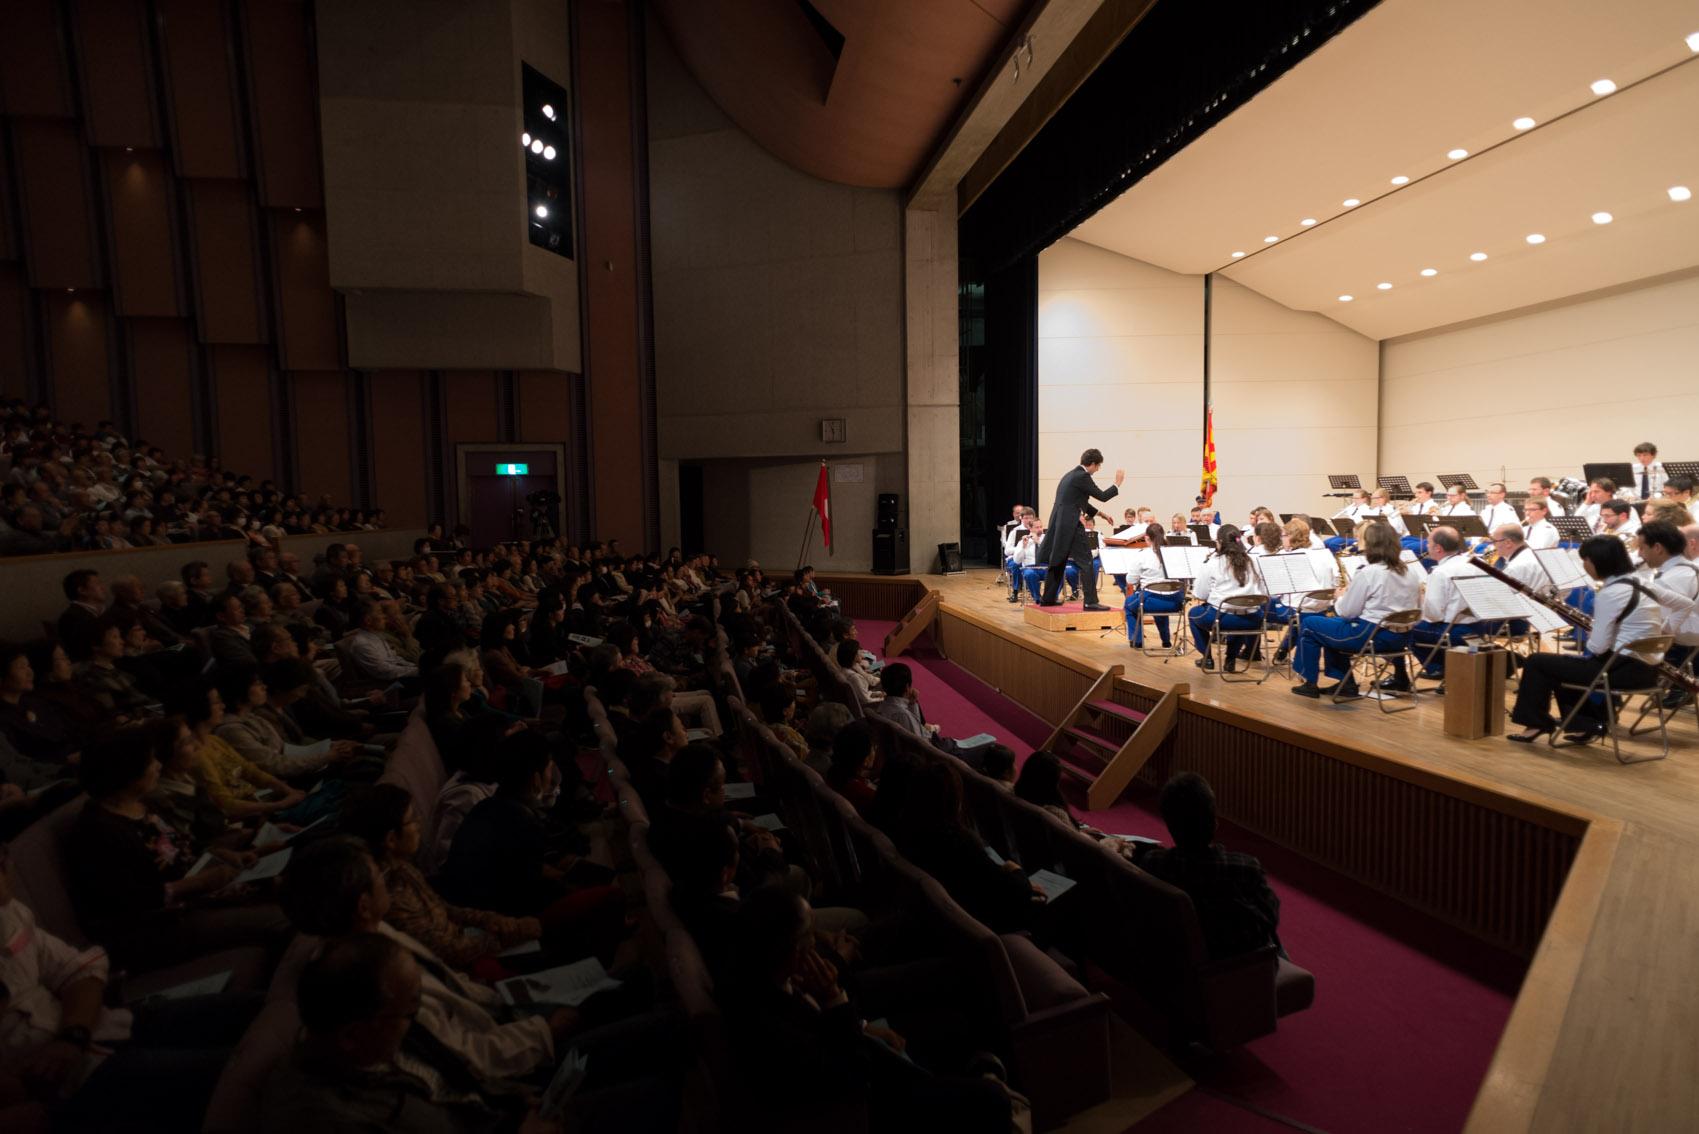 2014-10-23_Concert-Sennan_05